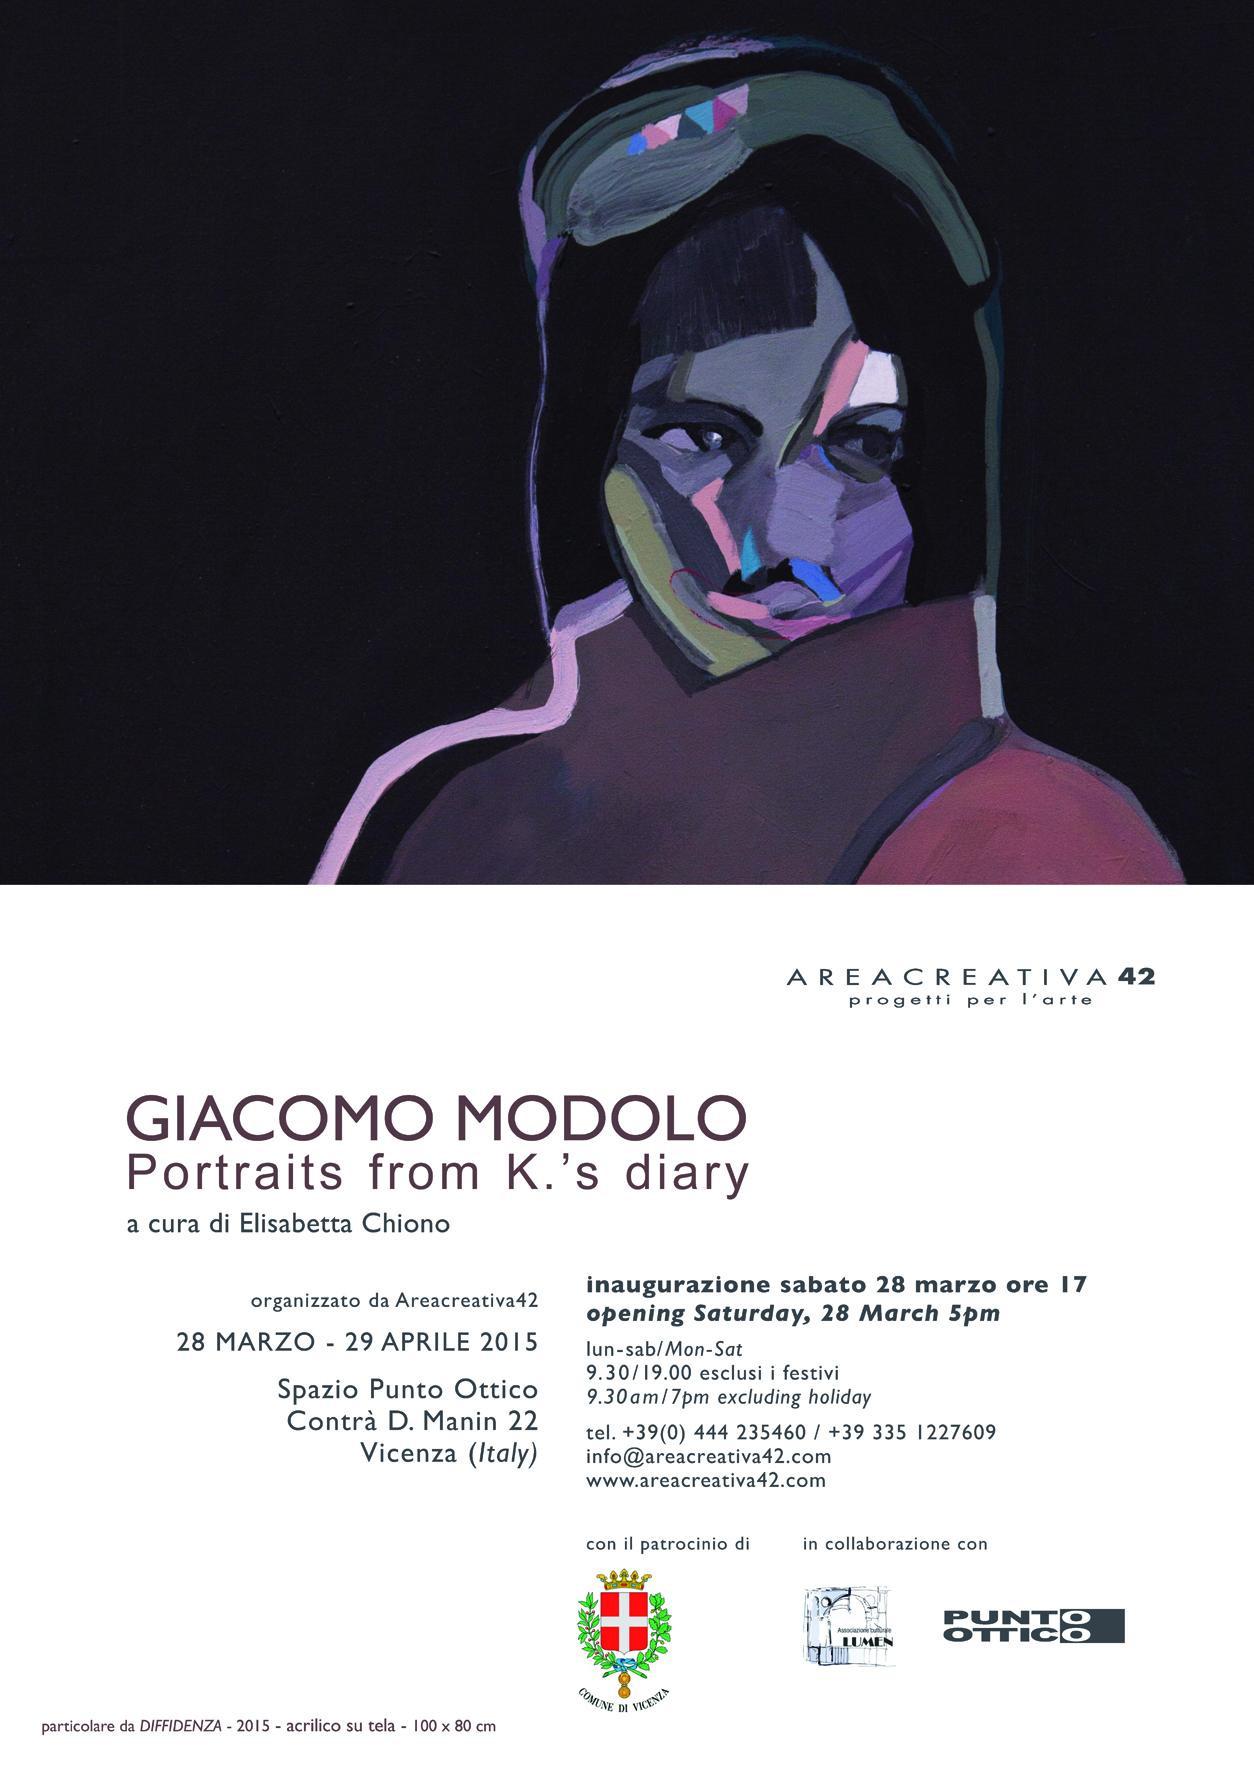 Giacomo Modolo - Portraits from K.'s diary